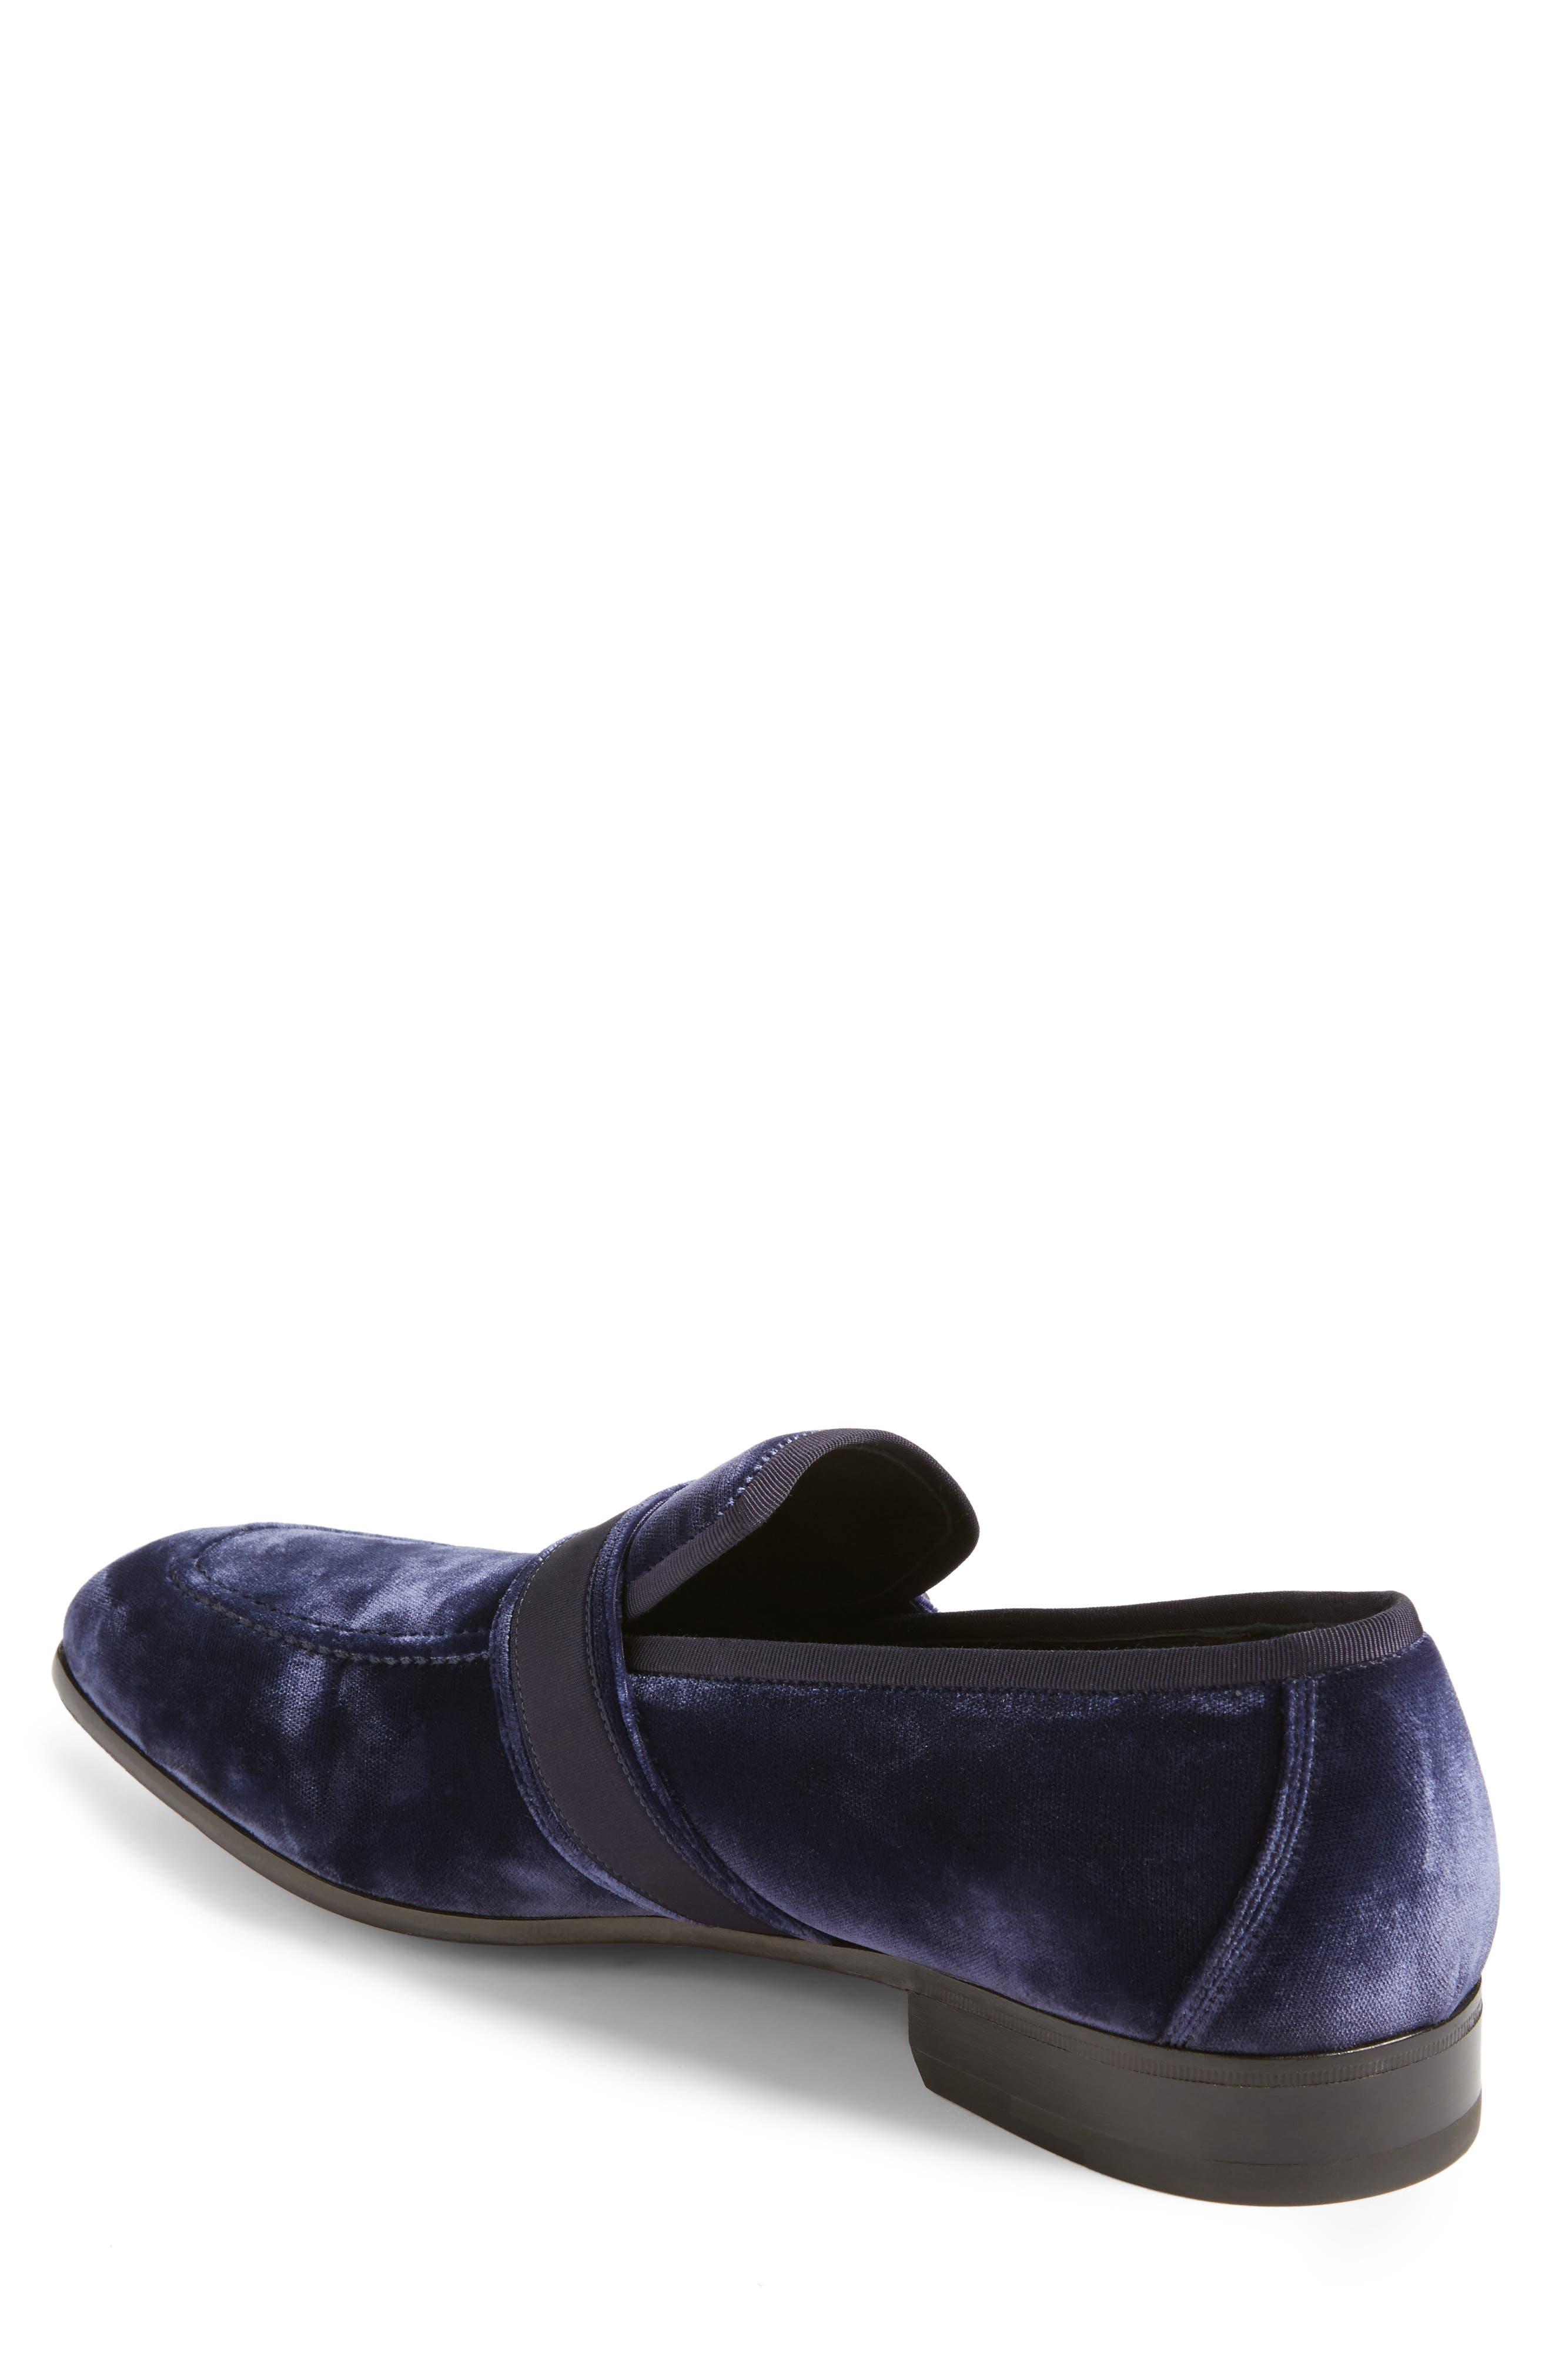 Danny 2 Bit Loafer,                             Alternate thumbnail 2, color,                             Blue Marine Velvet